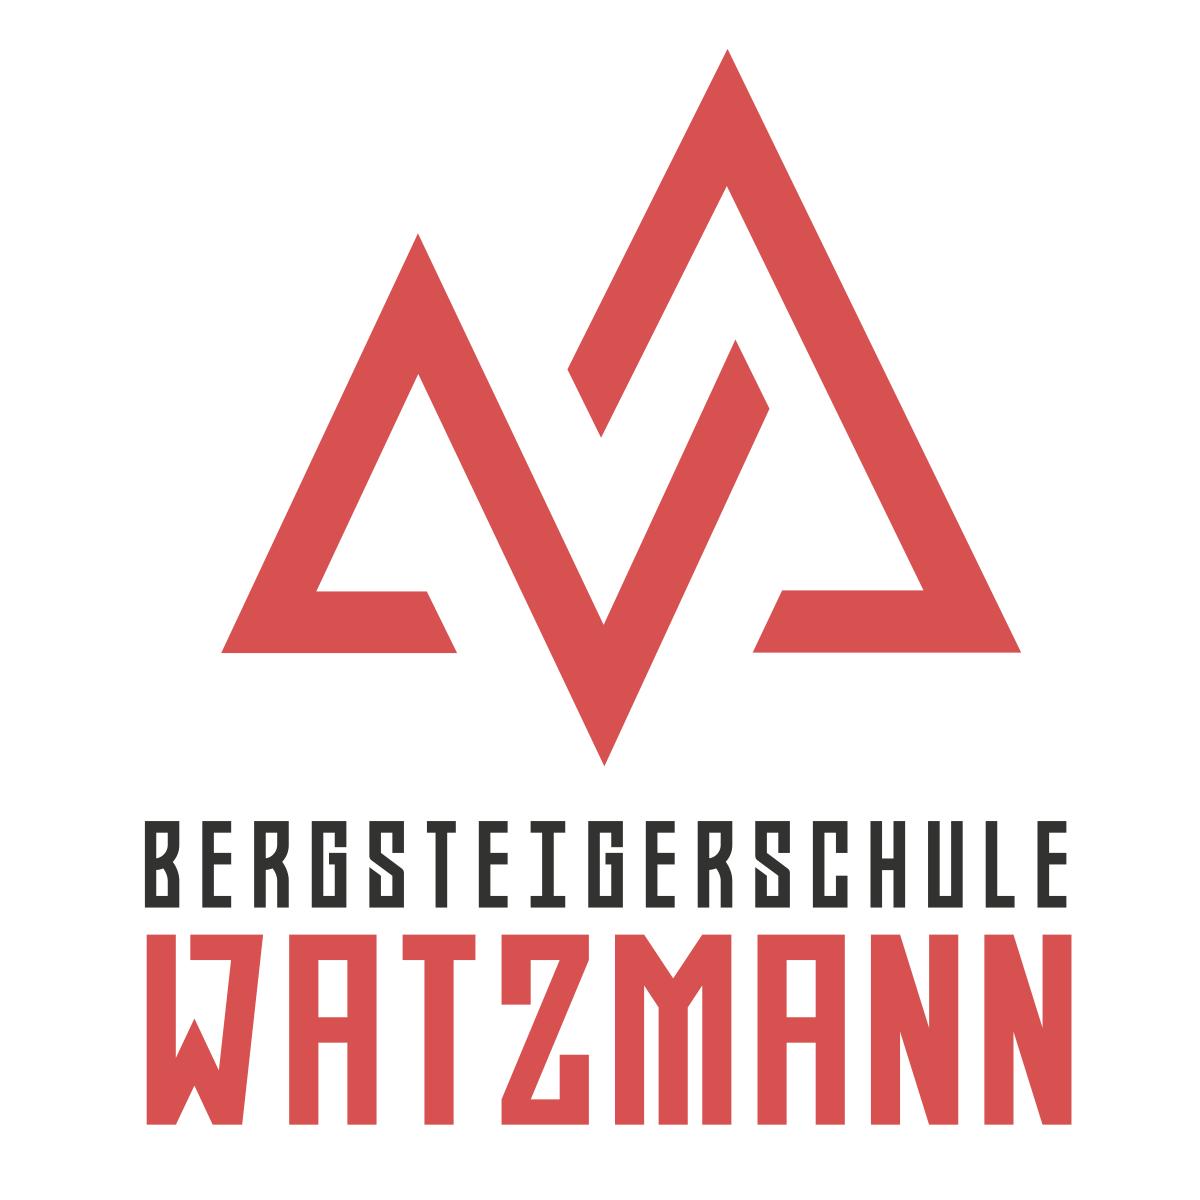 Bergsteigerschule Watzman 1